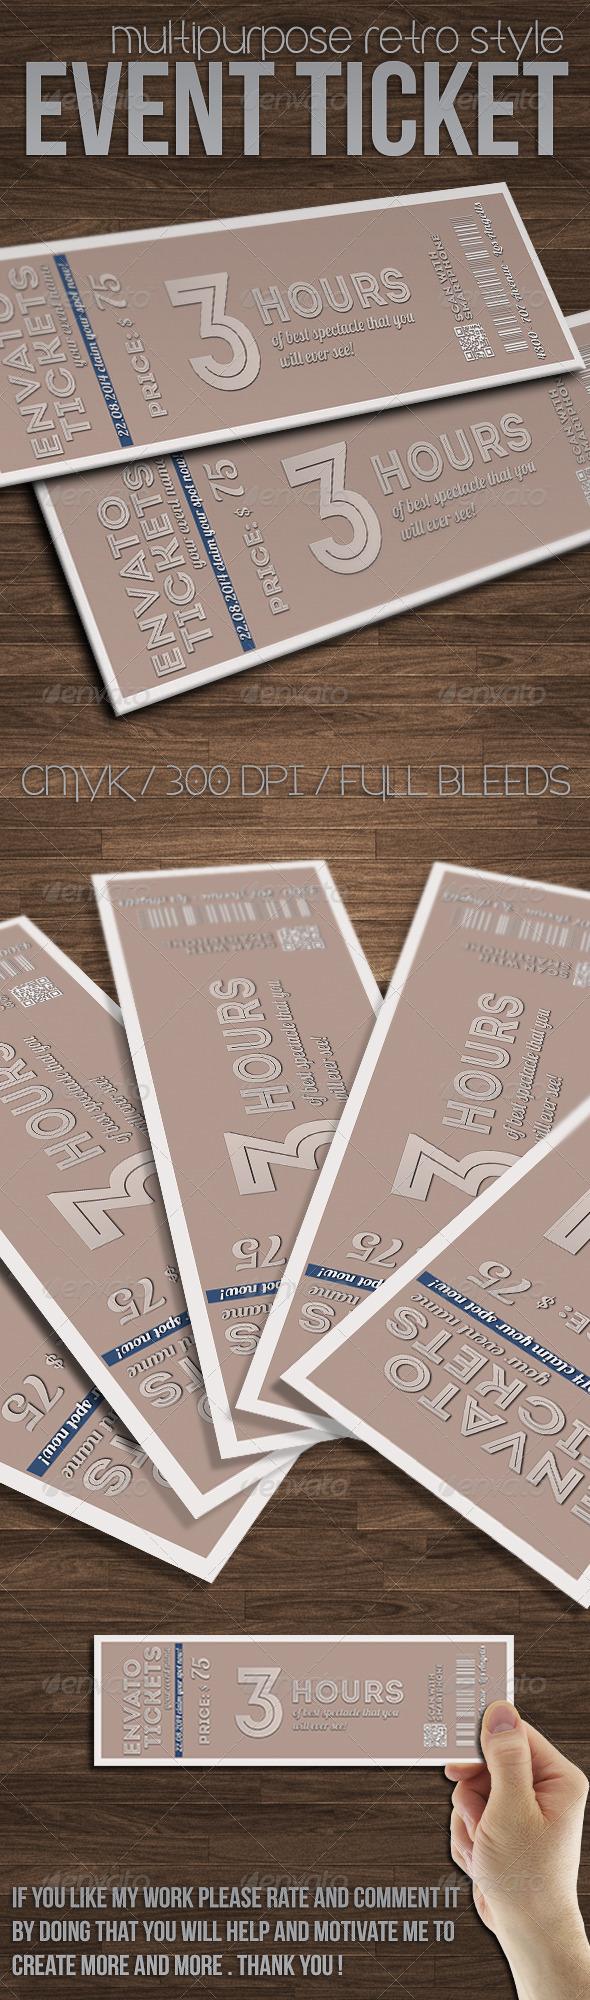 GraphicRiver Multipurpose minimal event ticket 7569124